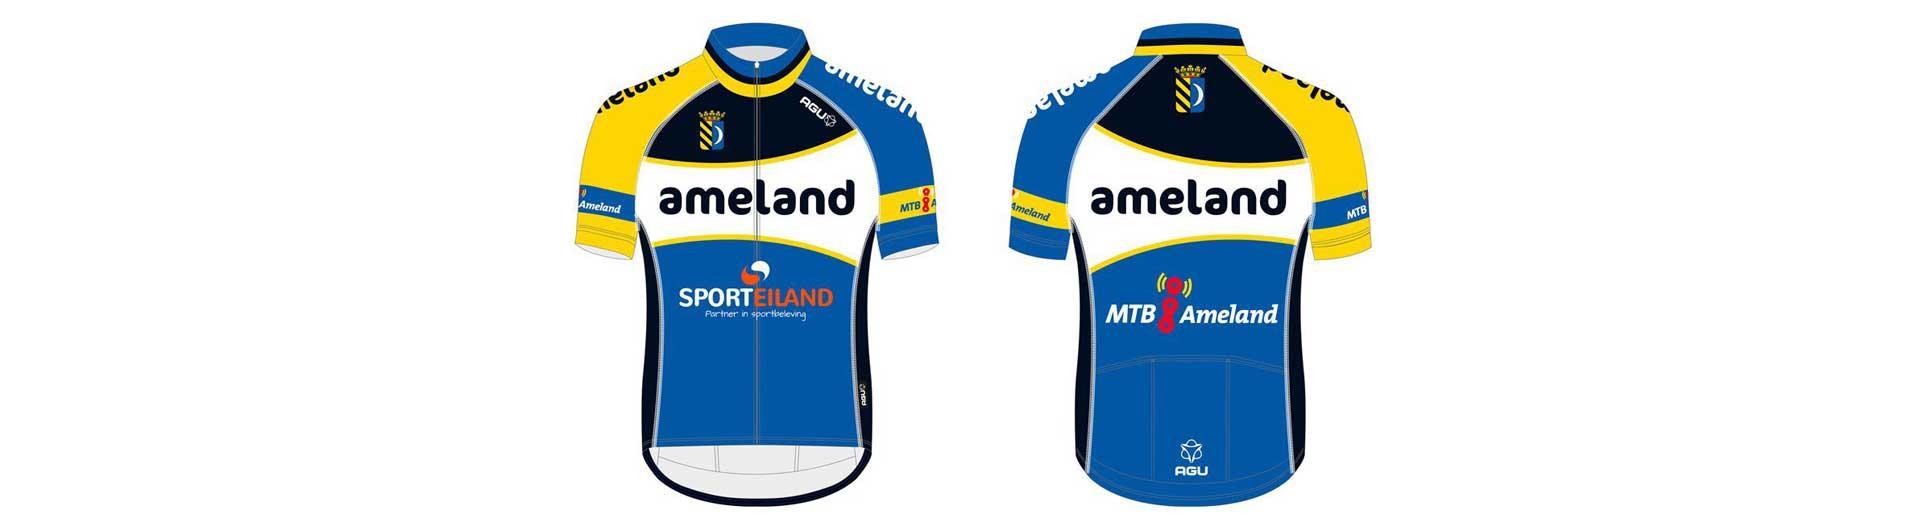 MTB Ameland: Nieuw MTB Ameland shirt ontworpen door nieuwe hoofdsponsor AGU